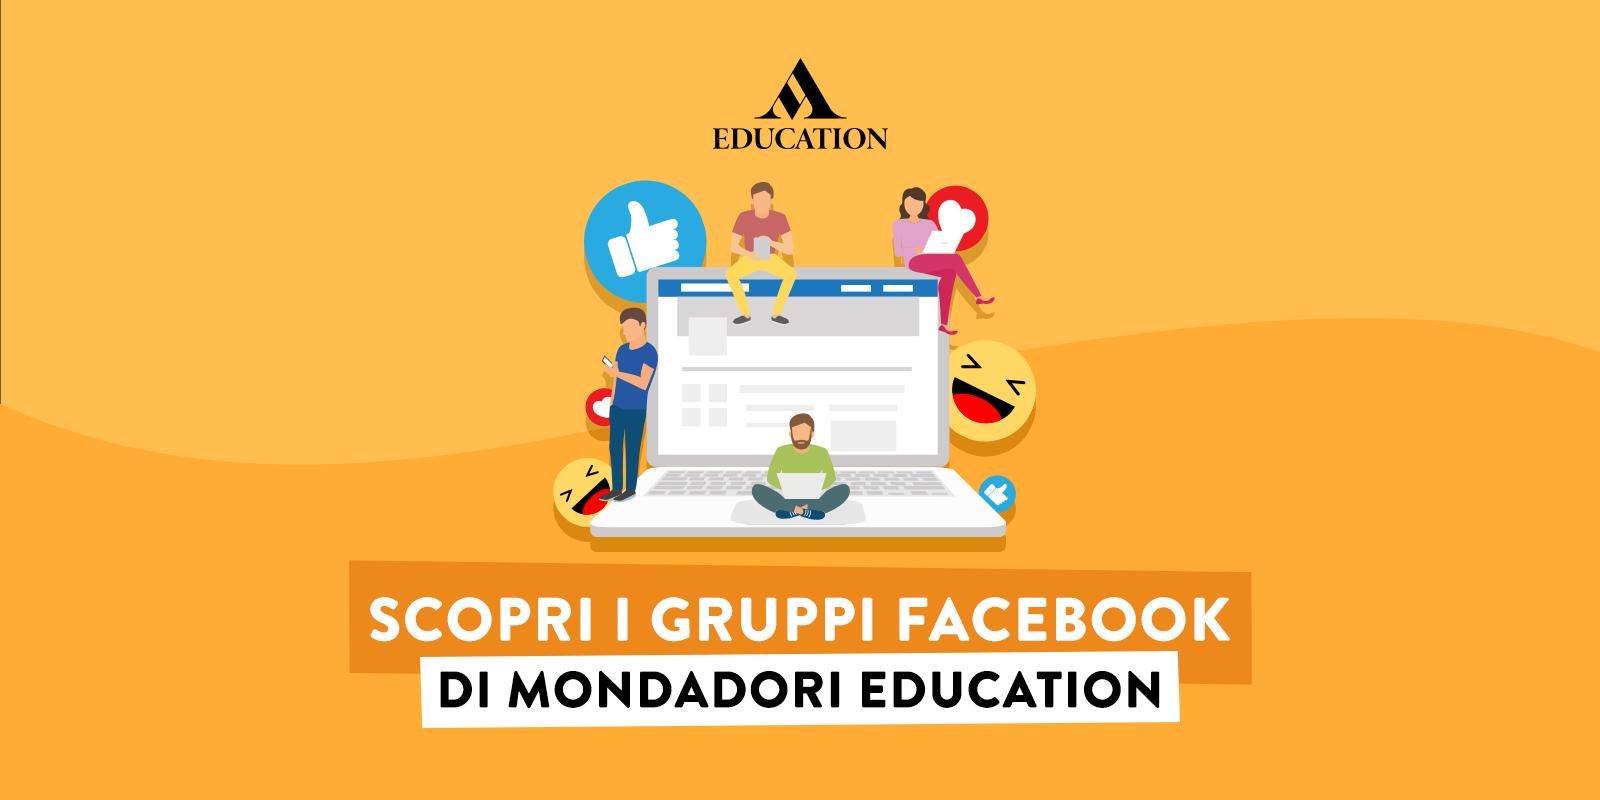 Uno spazio di condivisione virtuale per docenti da Mondadori Education